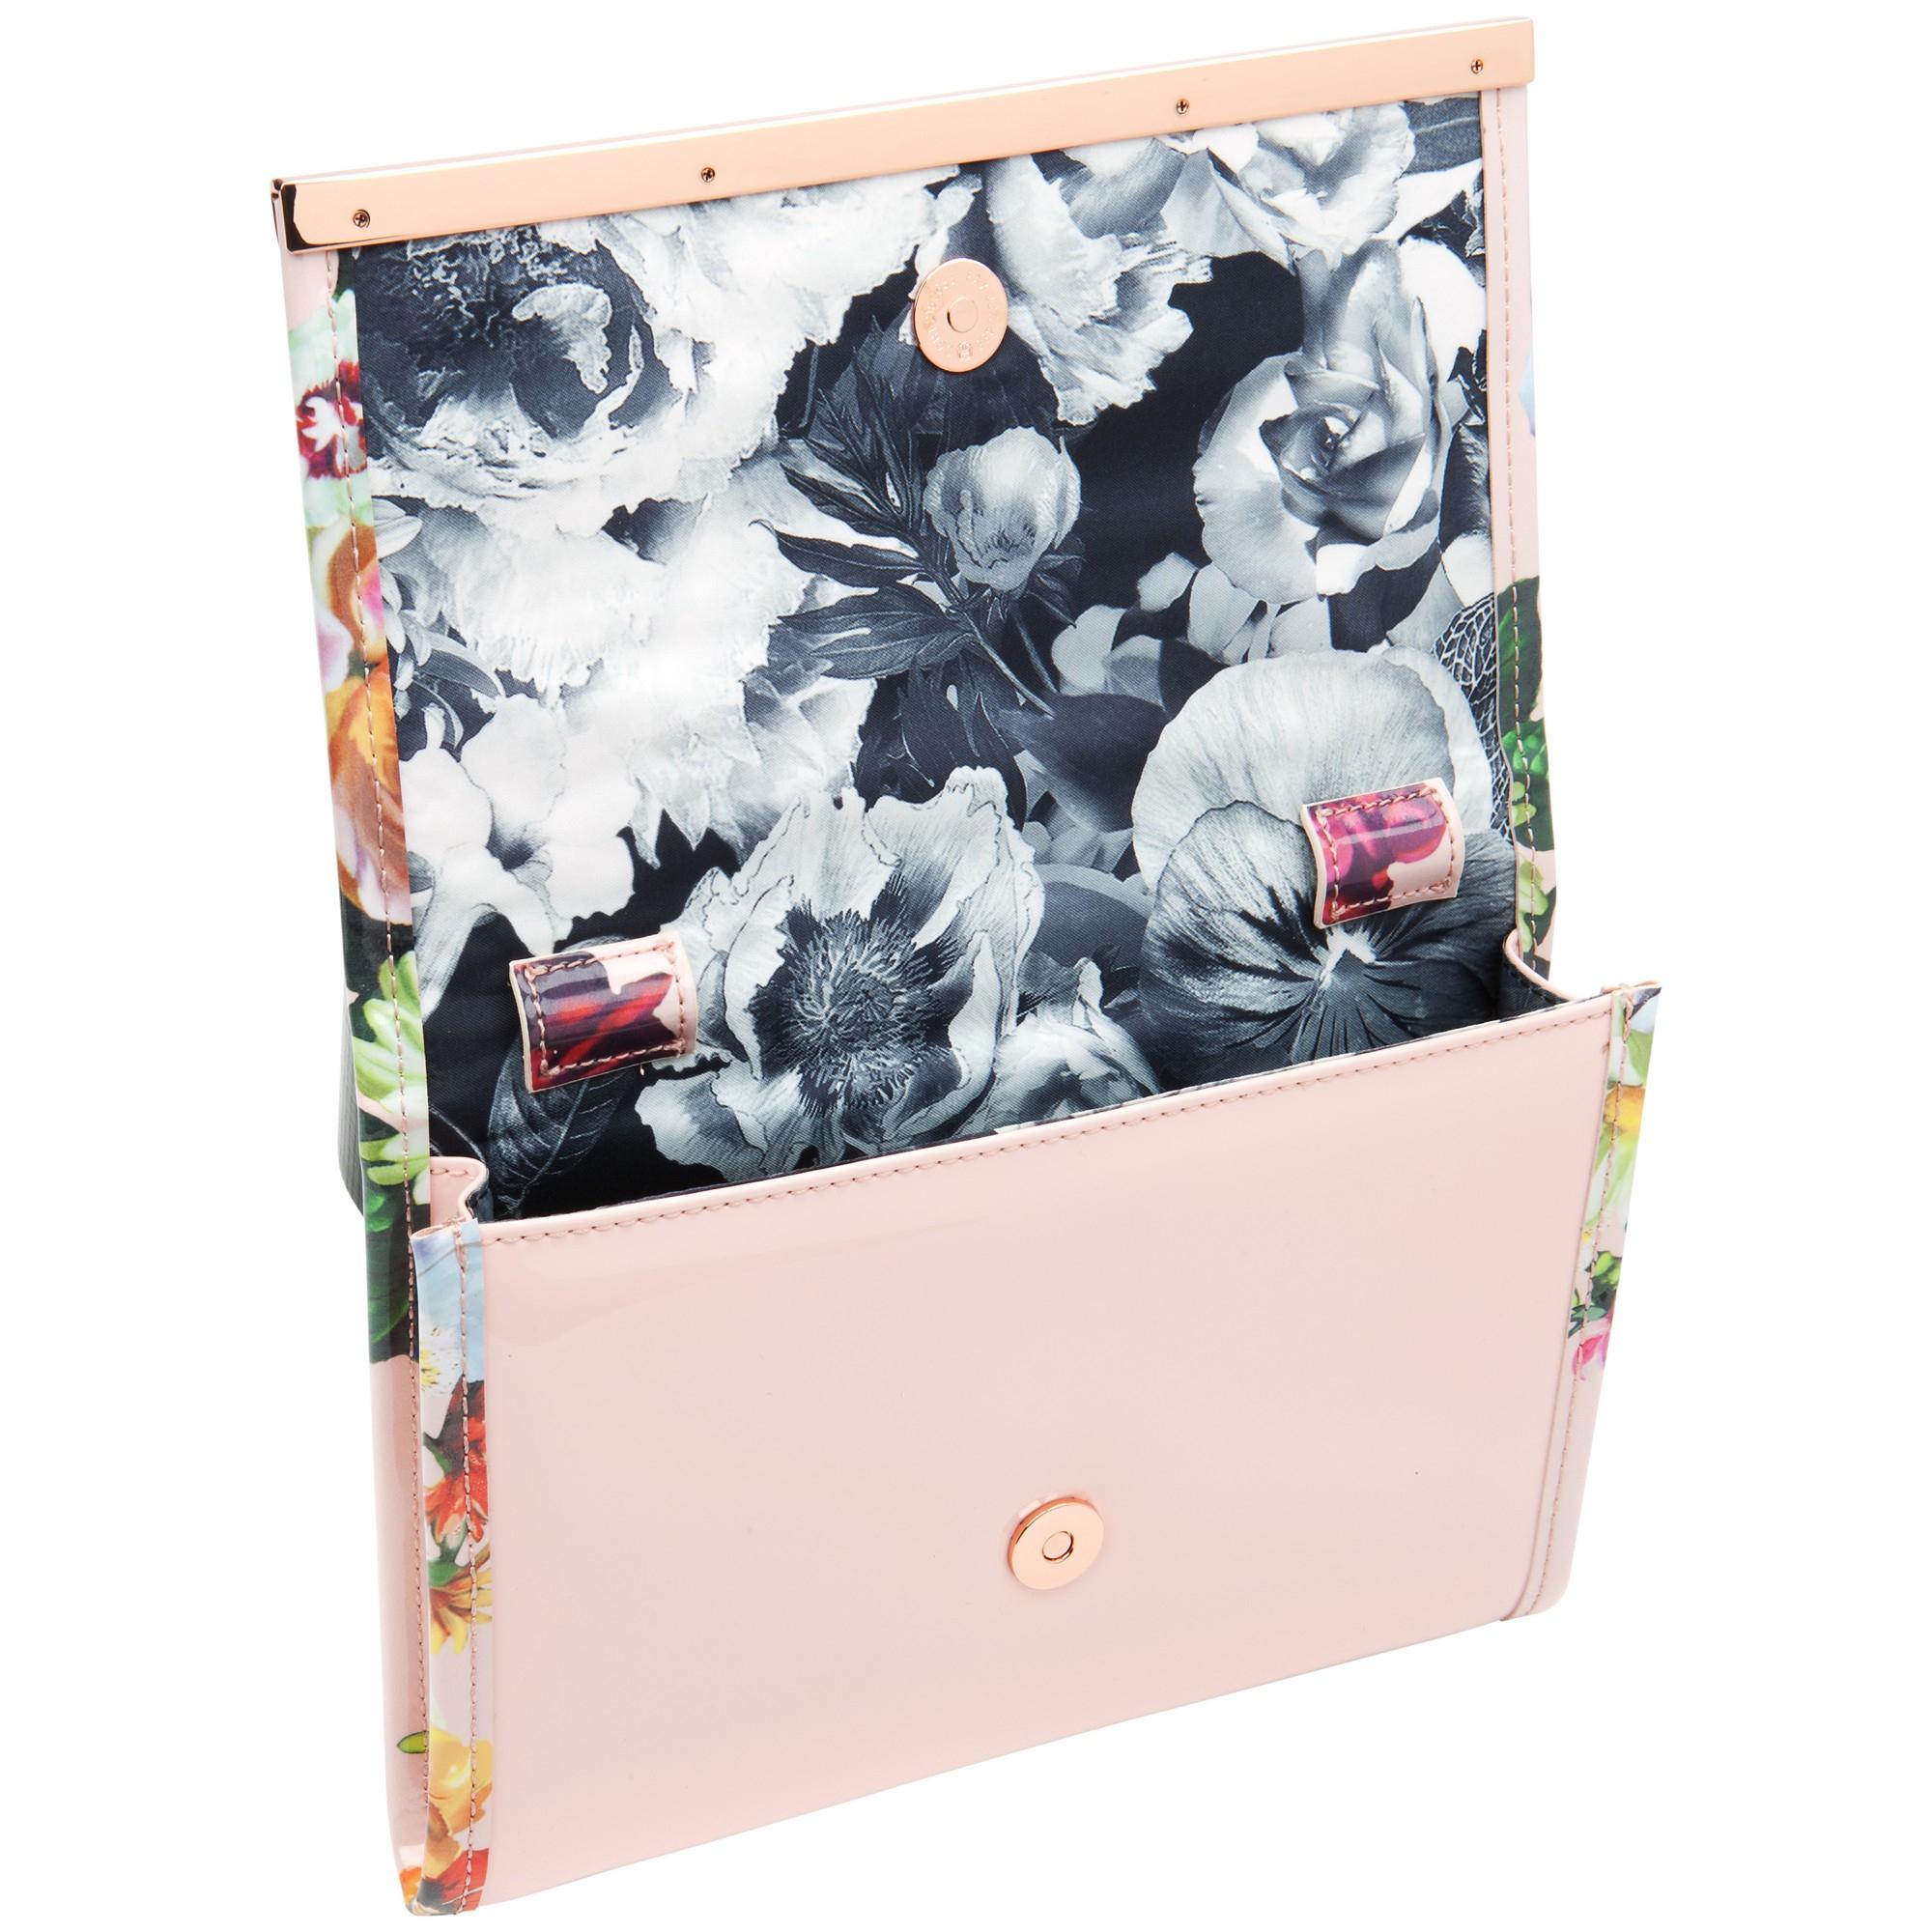 bb27436e3e808 Ted Baker Narah Mini Across Body Handbag in Pink - Lyst